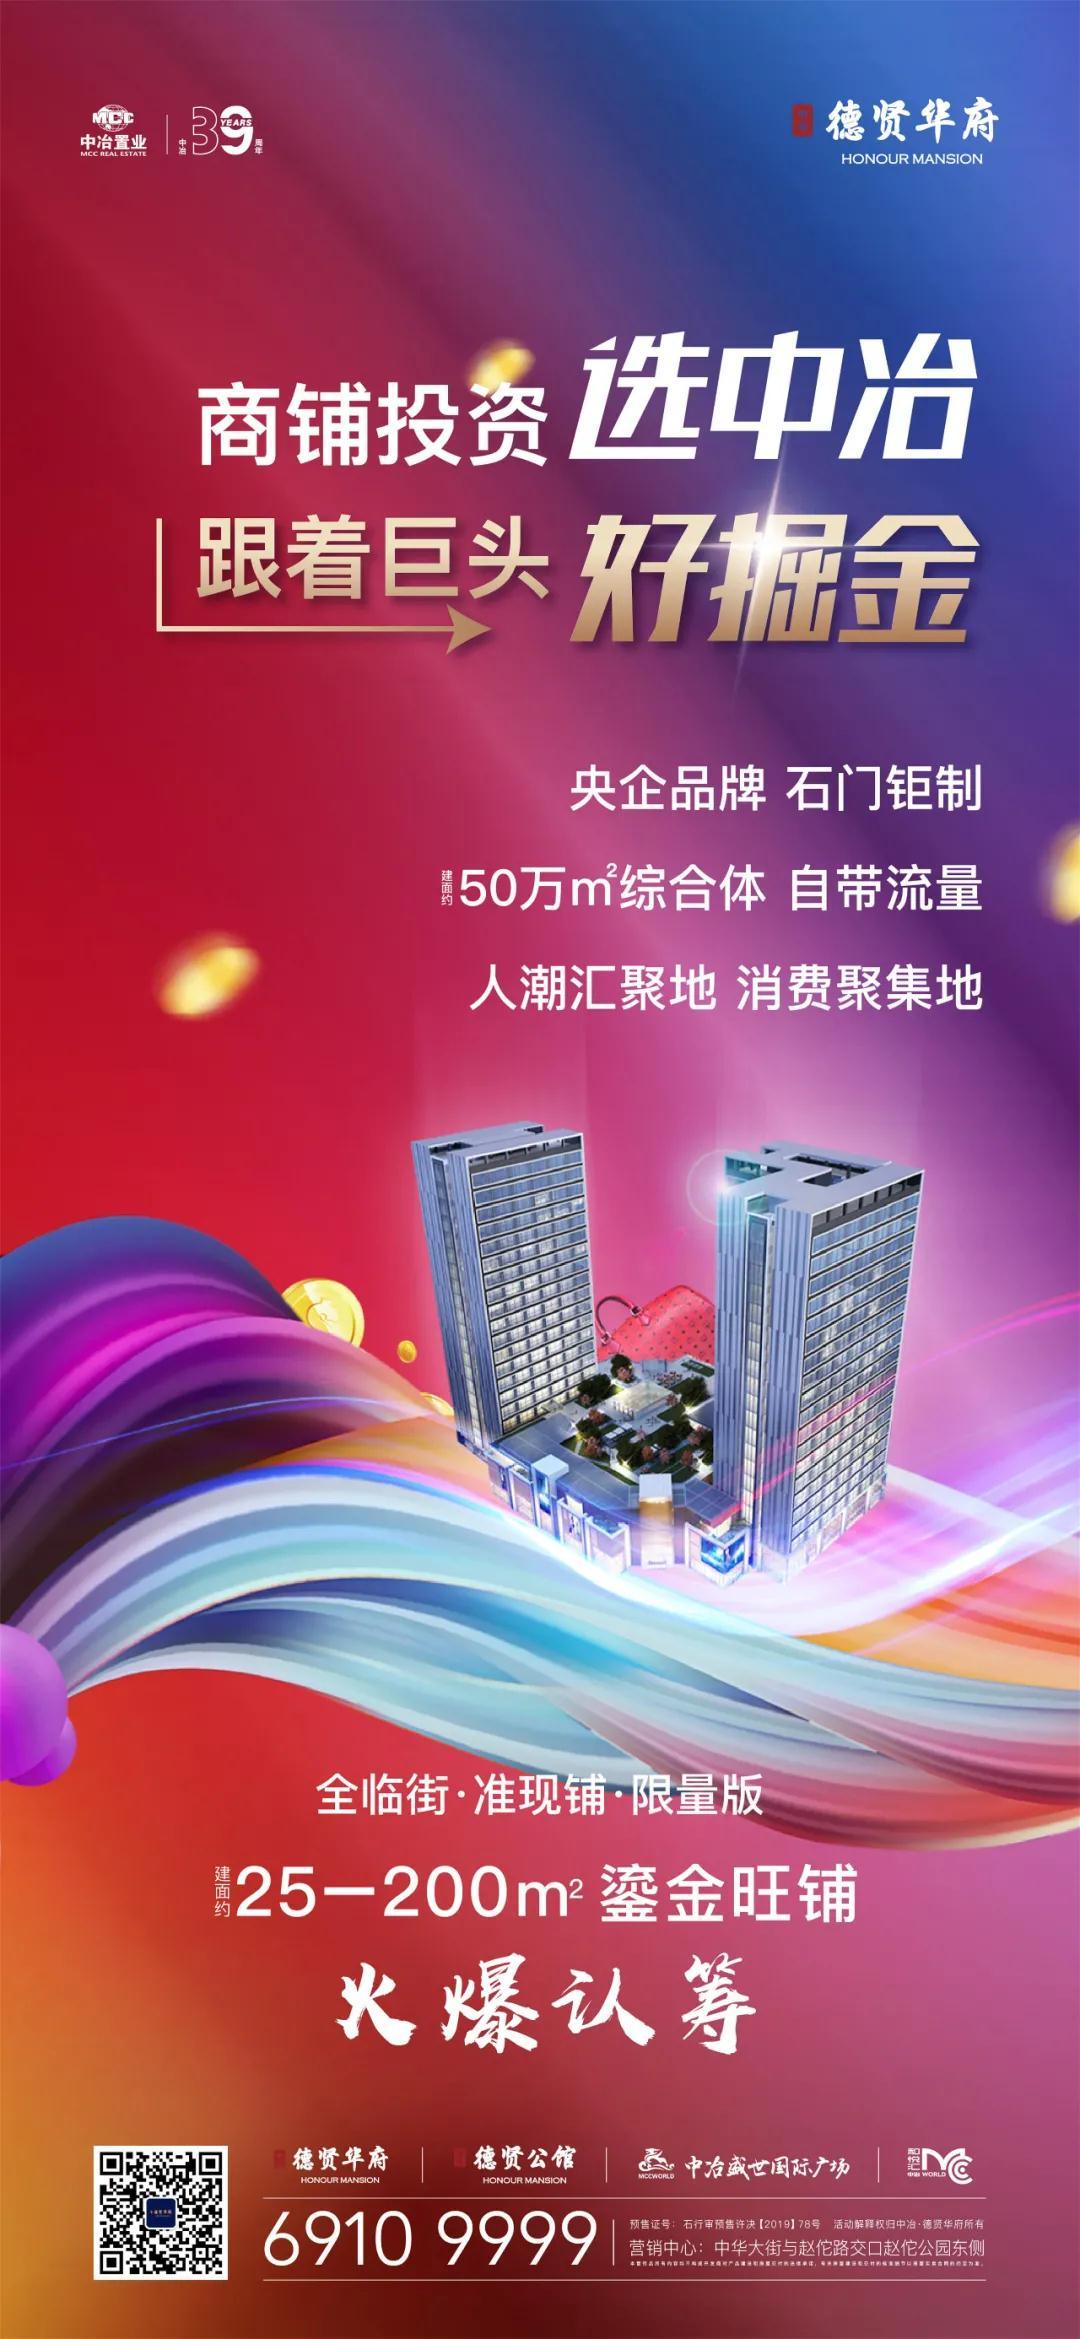 微信图片_20201120113827.jpg